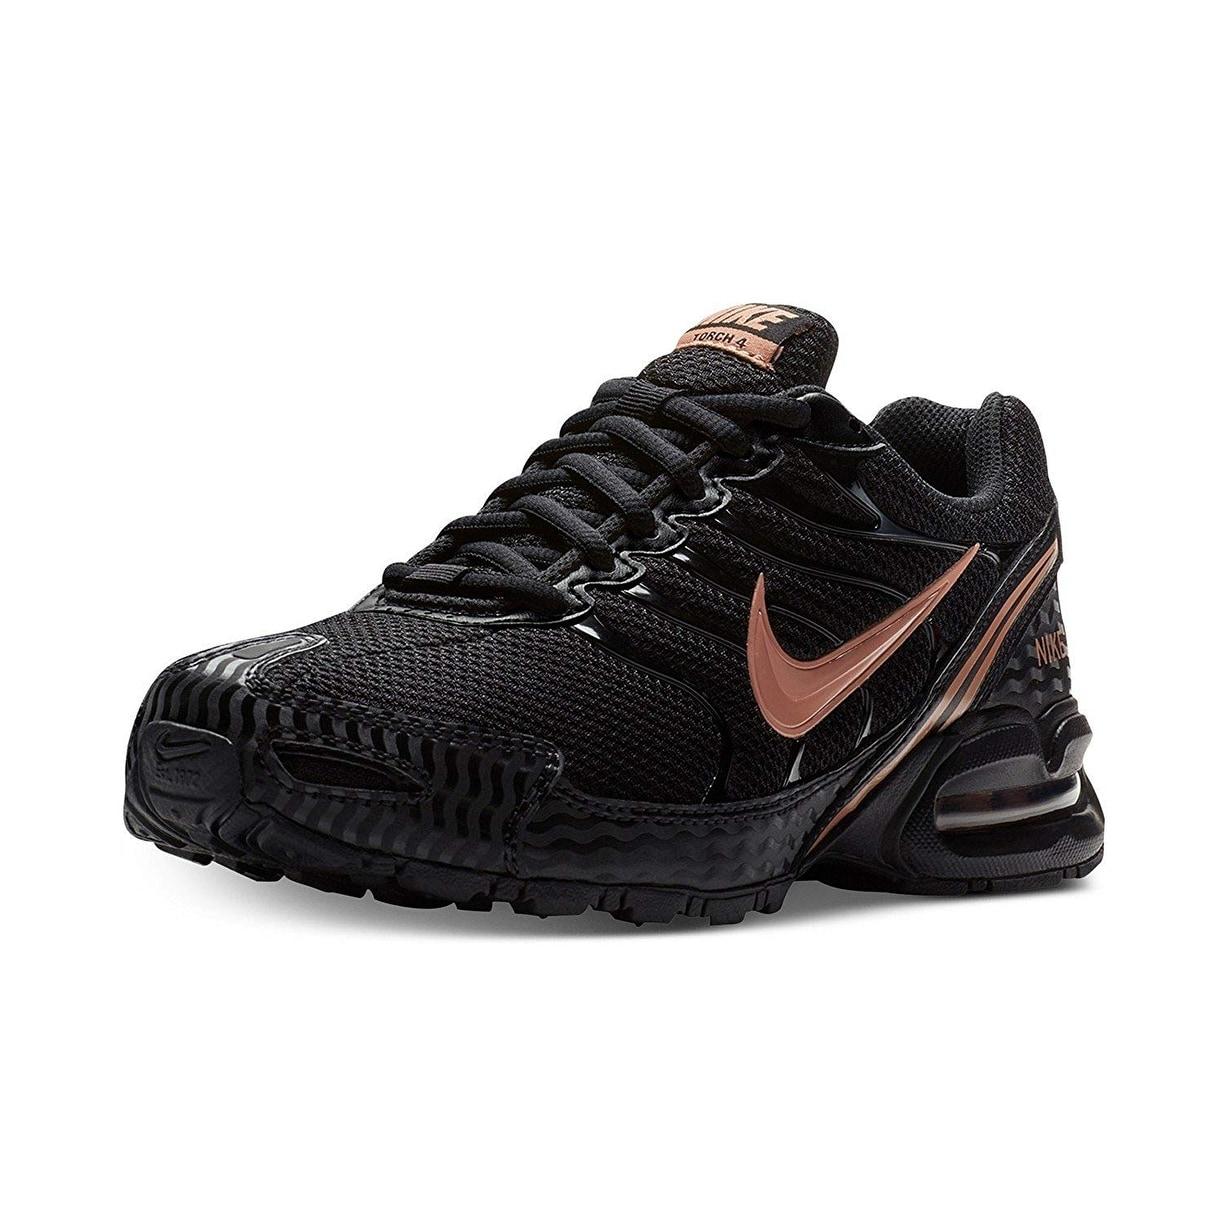 94fc90033526 Nike Women Air Max Torch 4 Running Shoe Black Metallic Rose Gold Atmosphere  Grey Size 6.5 M Us